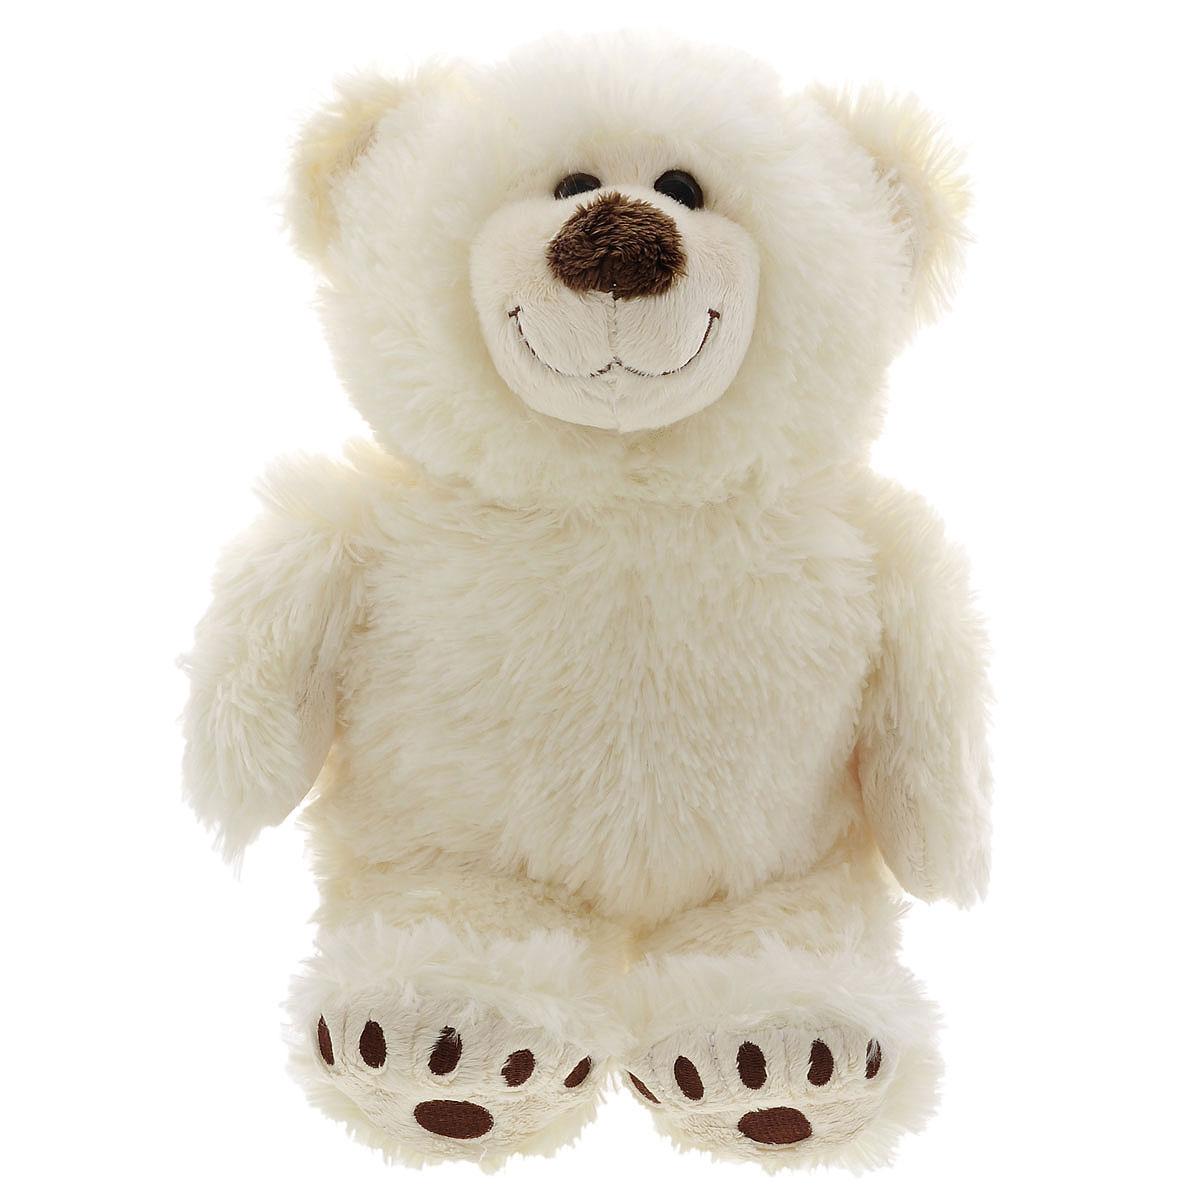 Мягкая игрушка Plush Apple Медведь Аркаша, 45 смK95605D4,D7Мягкая игрушка Plush Apple Медведь Аркаша привлечет внимание любого ребенка. Игрушка изготовлена из высококачественных текстильных материалов в виде милого медвежонка с веселой улыбкой. Глазки выполнены из пластика. Удивительно мягкая игрушка принесет радость и подарит своему обладателю мгновения нежных объятий и приятных воспоминаний.